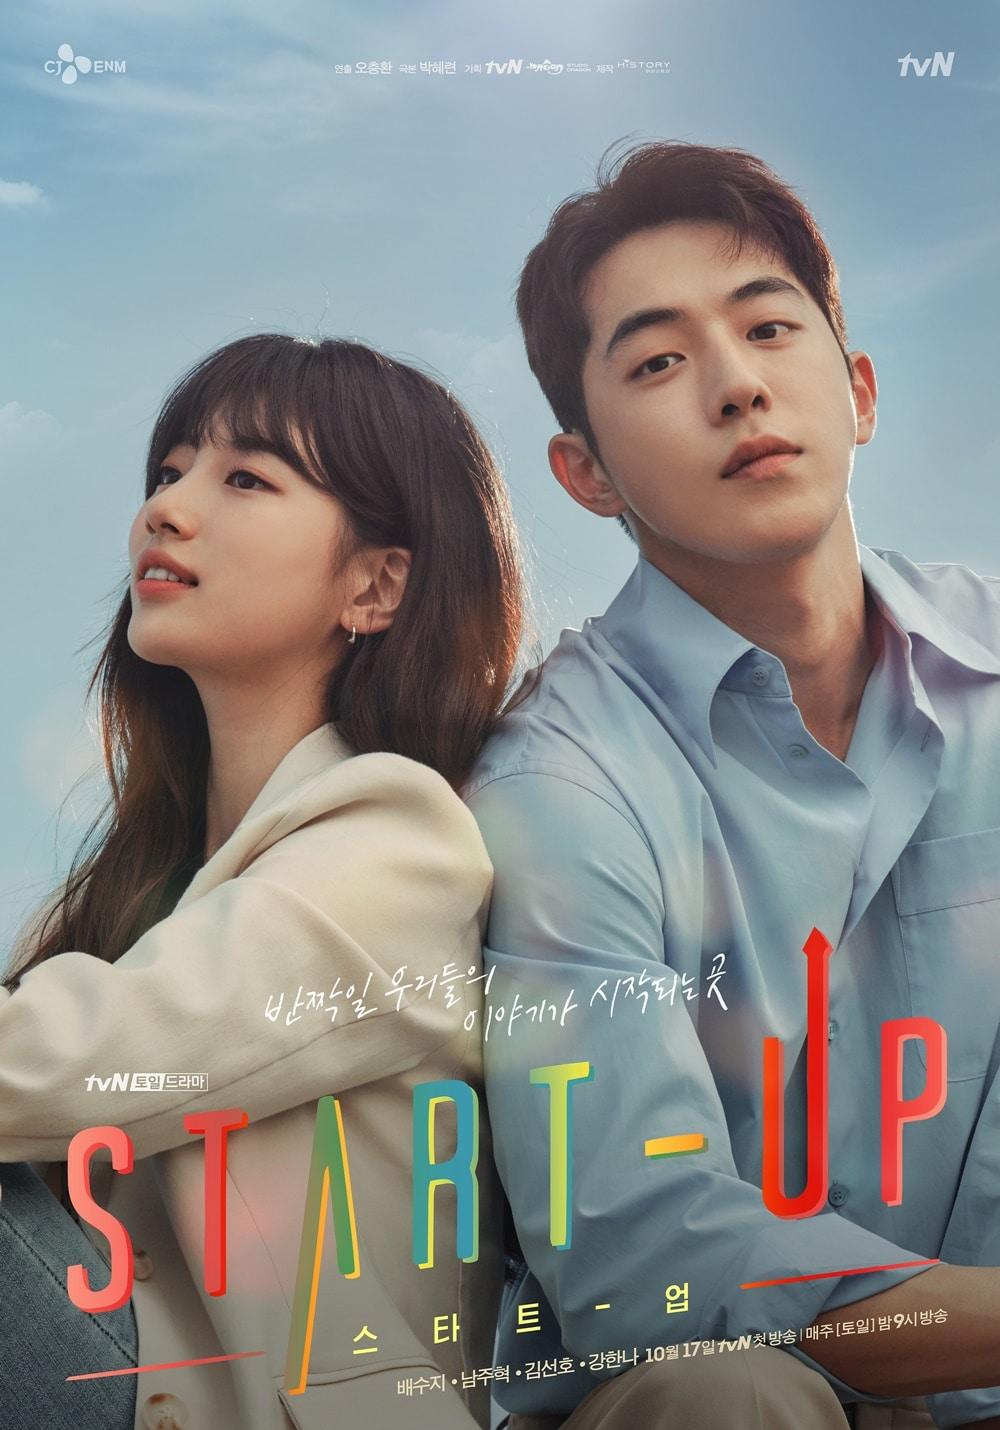 Start-Up (Korean series) Free Download Mp4